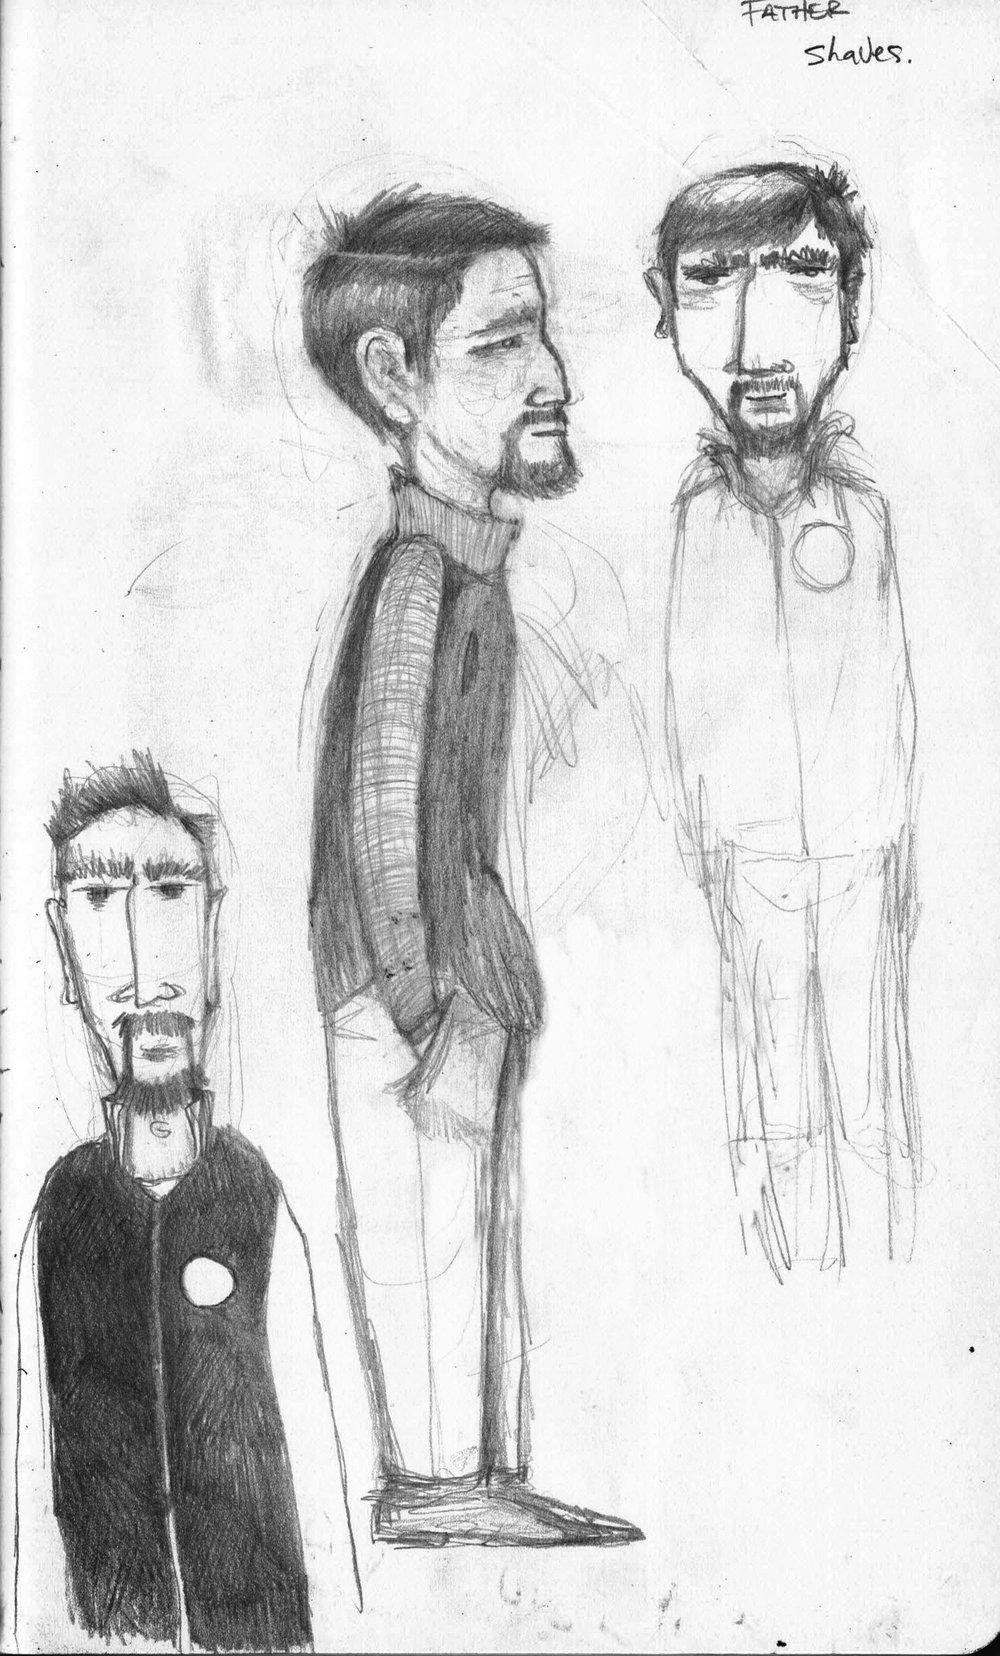 Hector Sketches